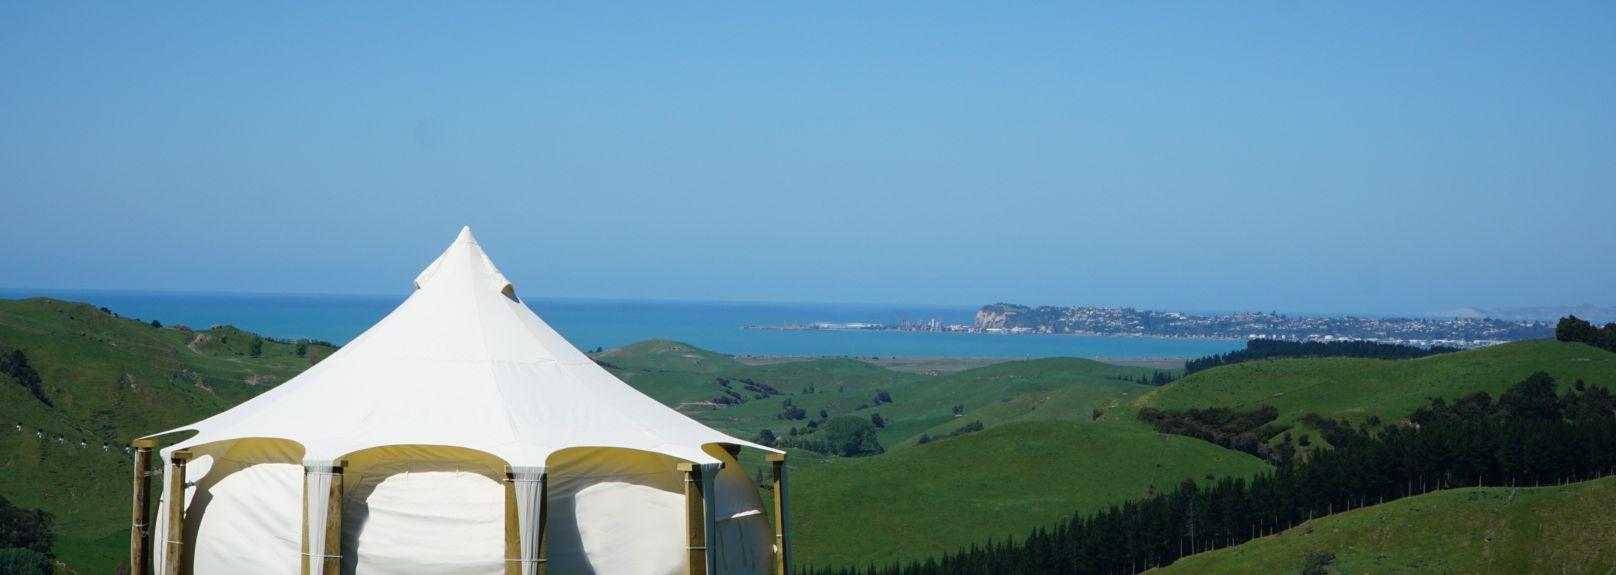 Région de la baie de Hawke, Nouvelle-Zélande